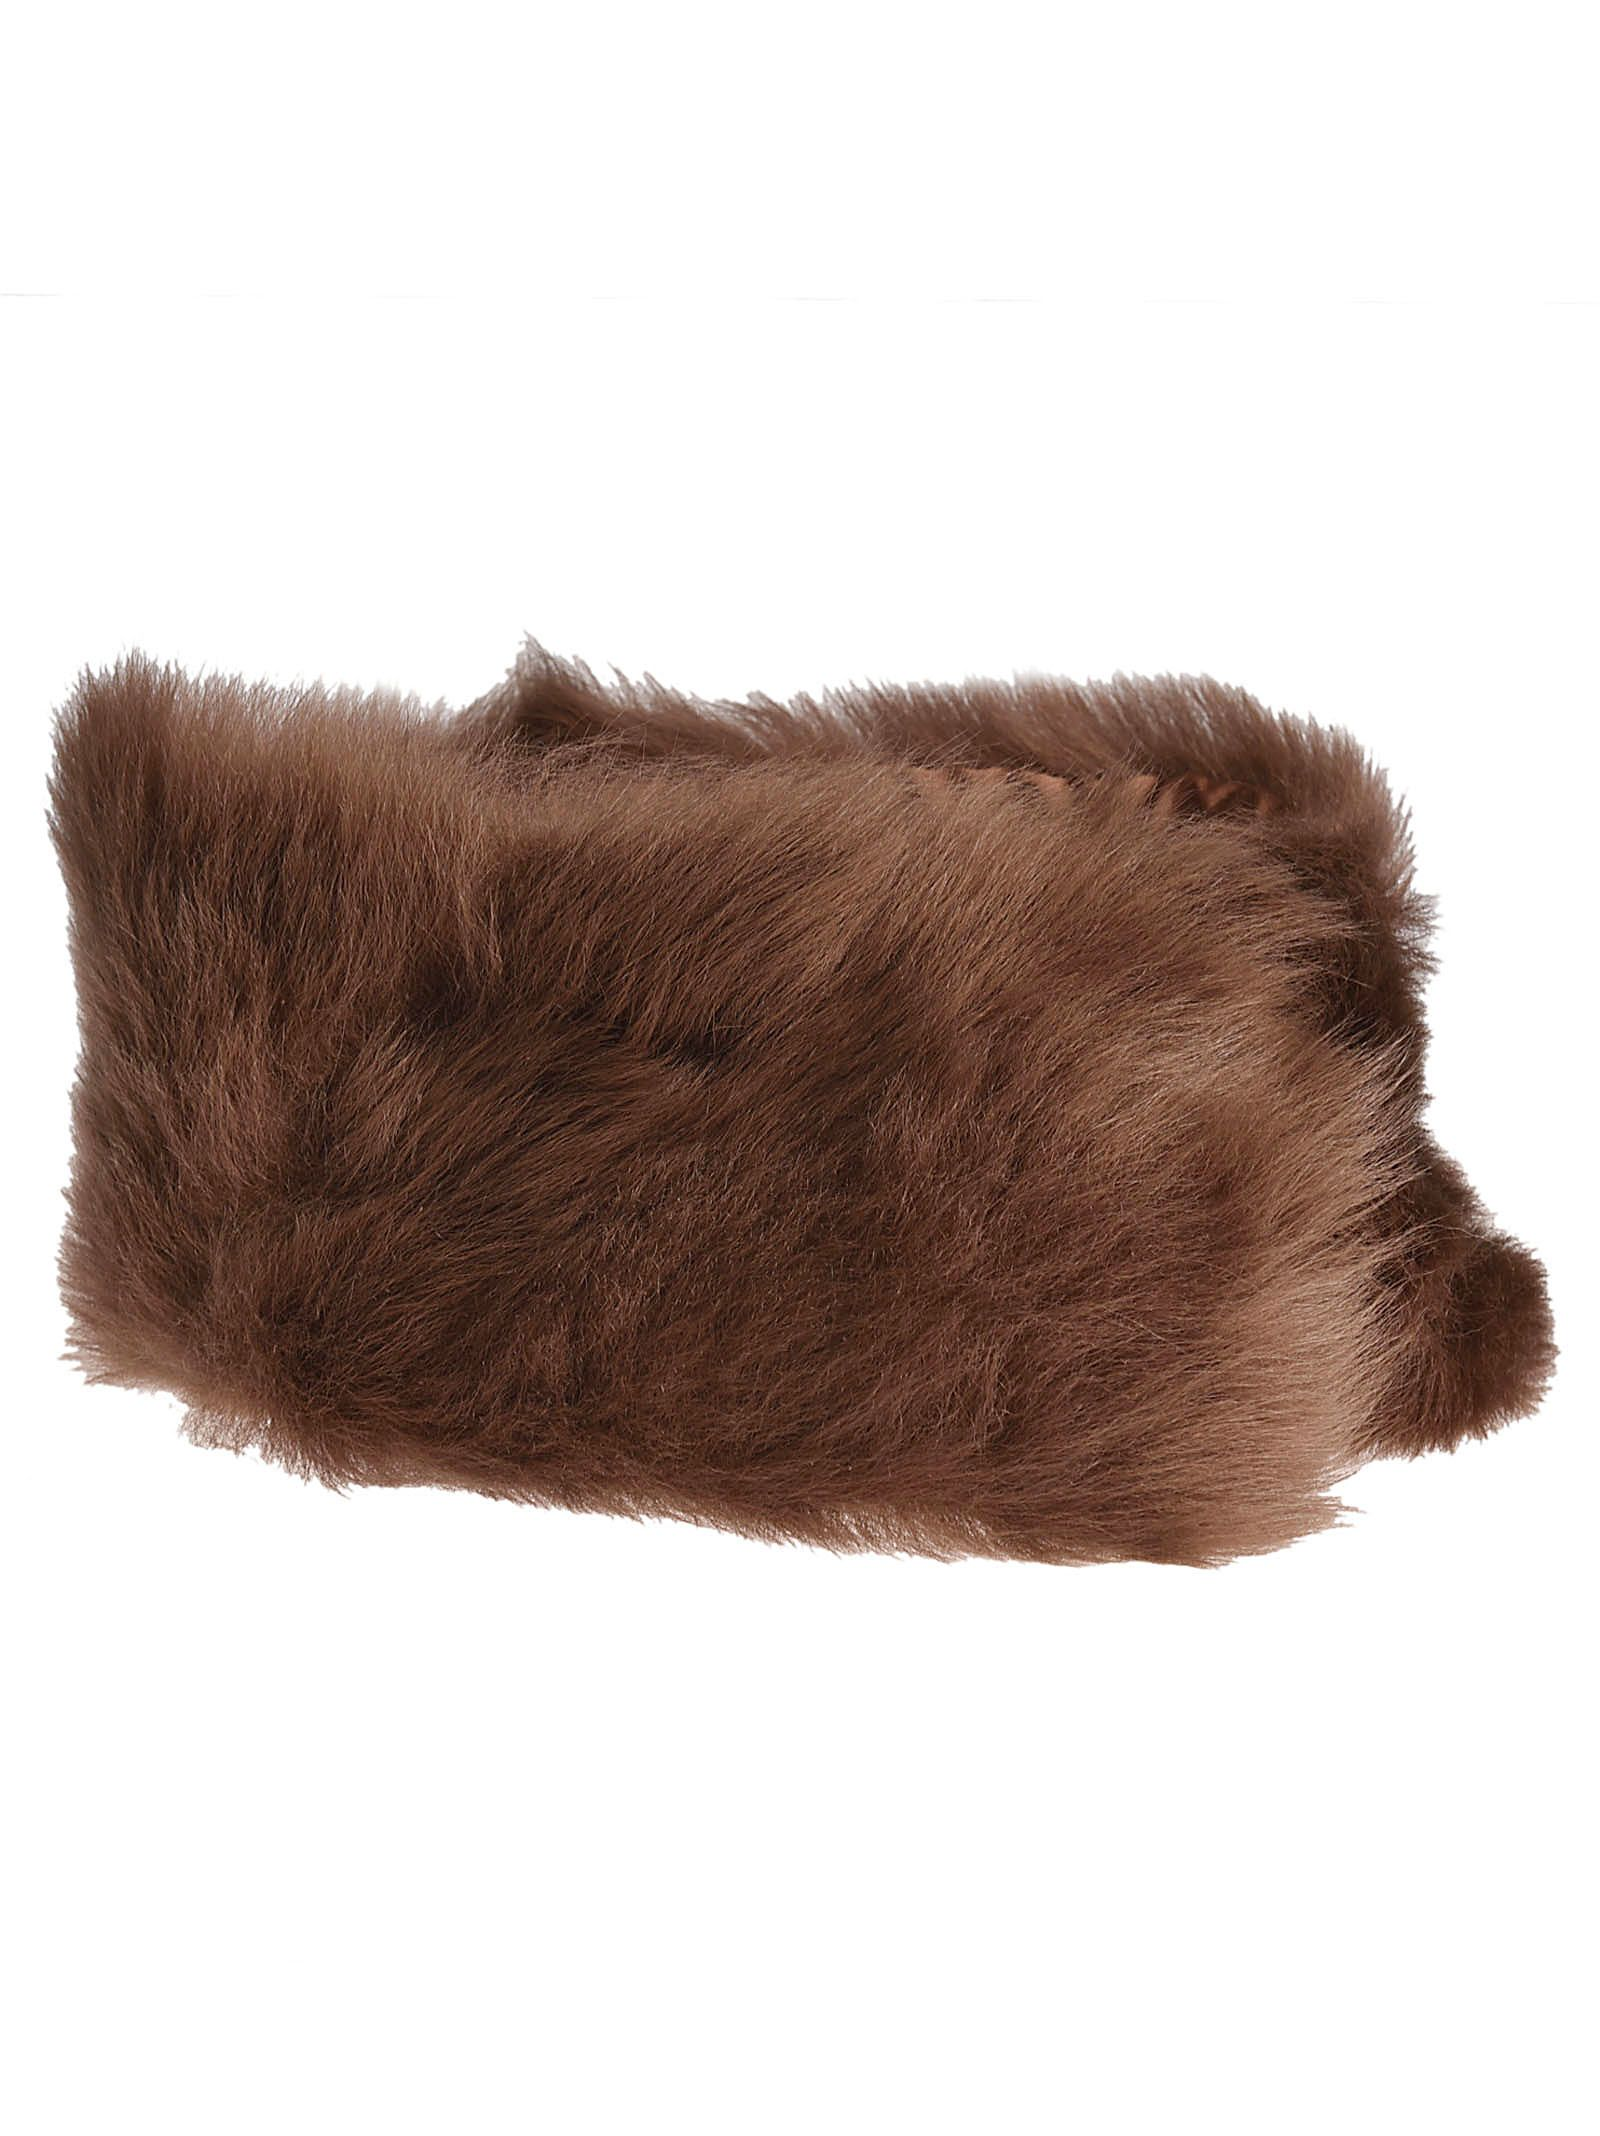 Desa 1972 Fur Stole Scarf